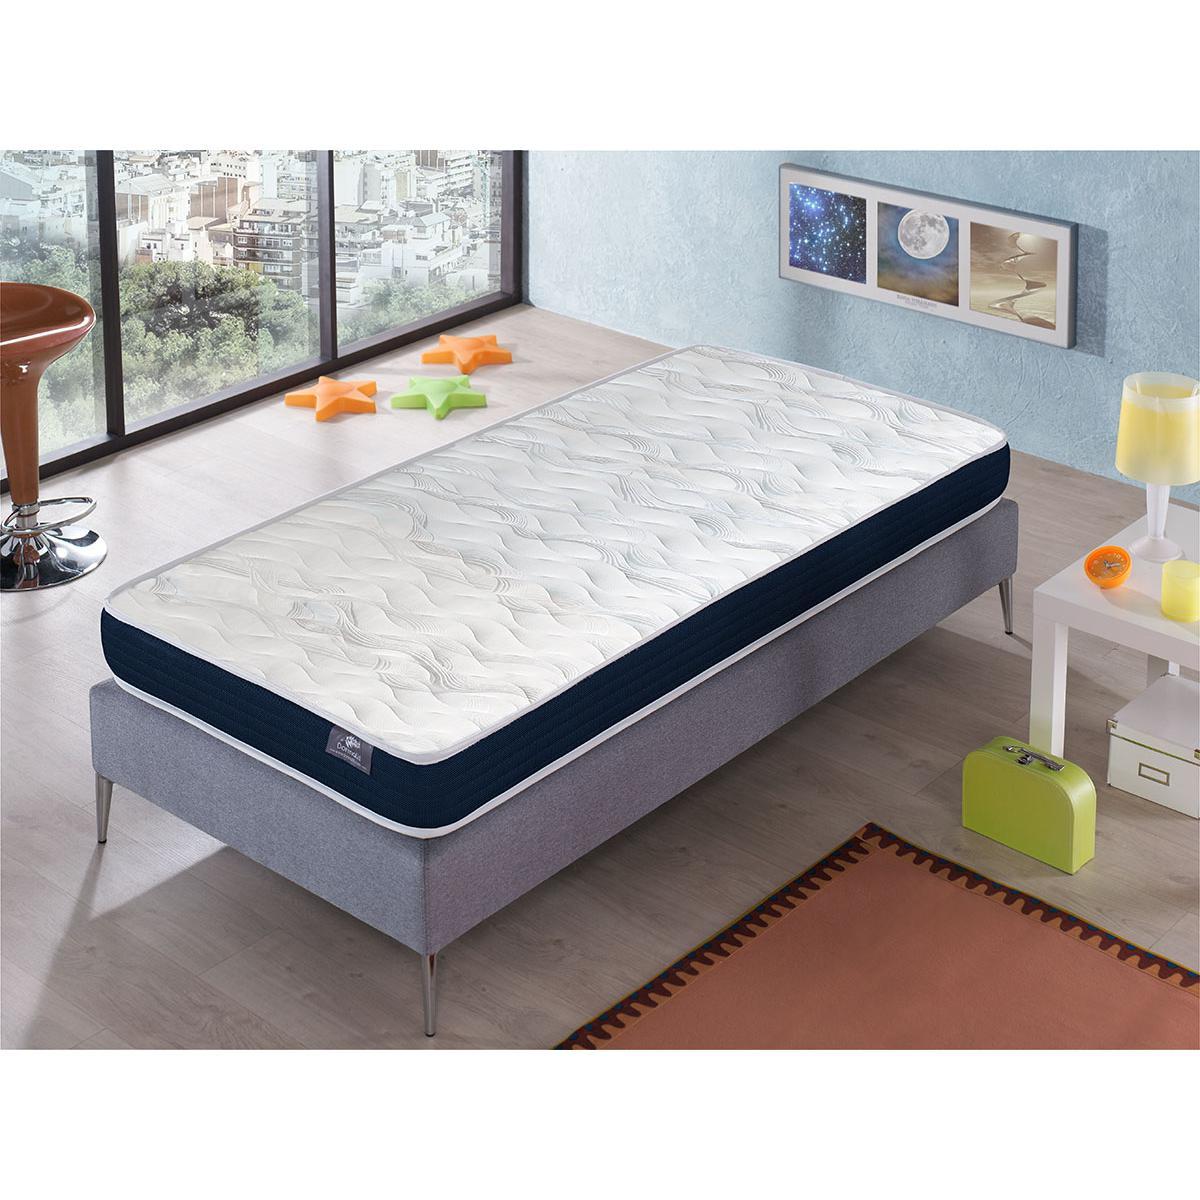 Dormalit Matelas 135X180 ERGO CONFORT Épaisseur 14 CM ? Rembourrage super soft - Juvénil - idéal pour les lits gigognes